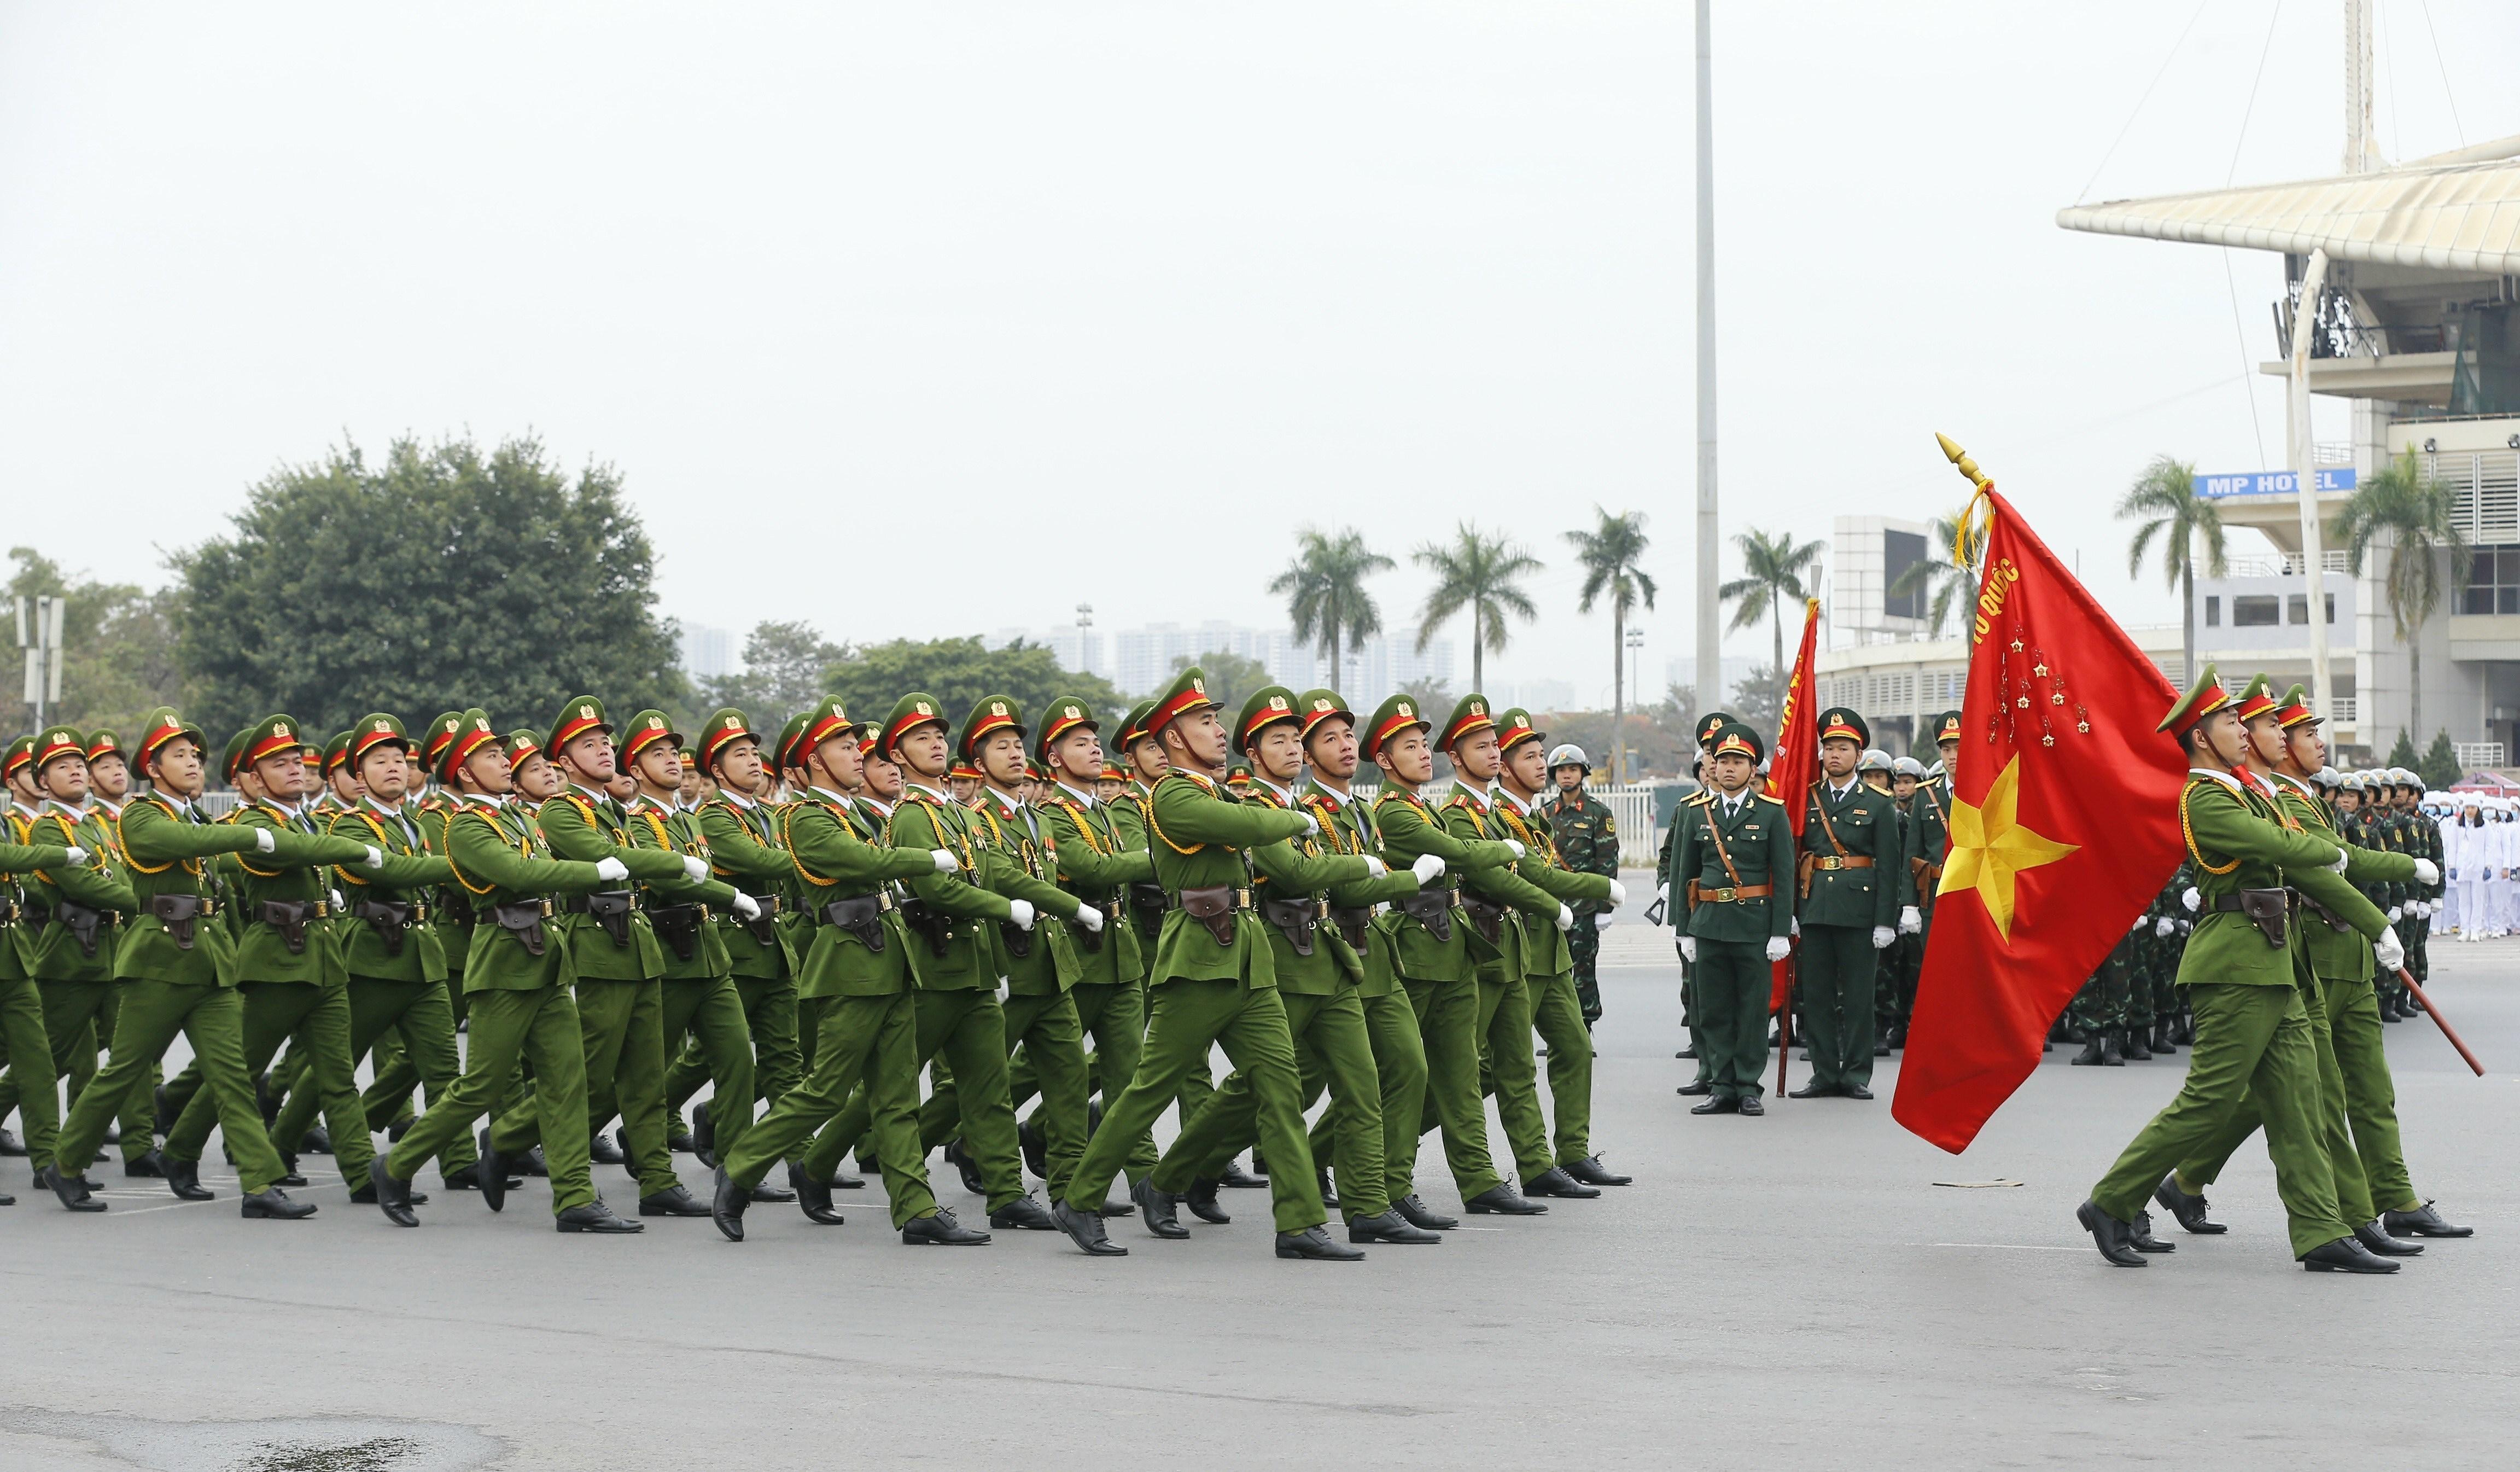 Le xuat quan, dien tap phuong an bao ve Dai hoi lan thu XIII cua Dang hinh anh 4